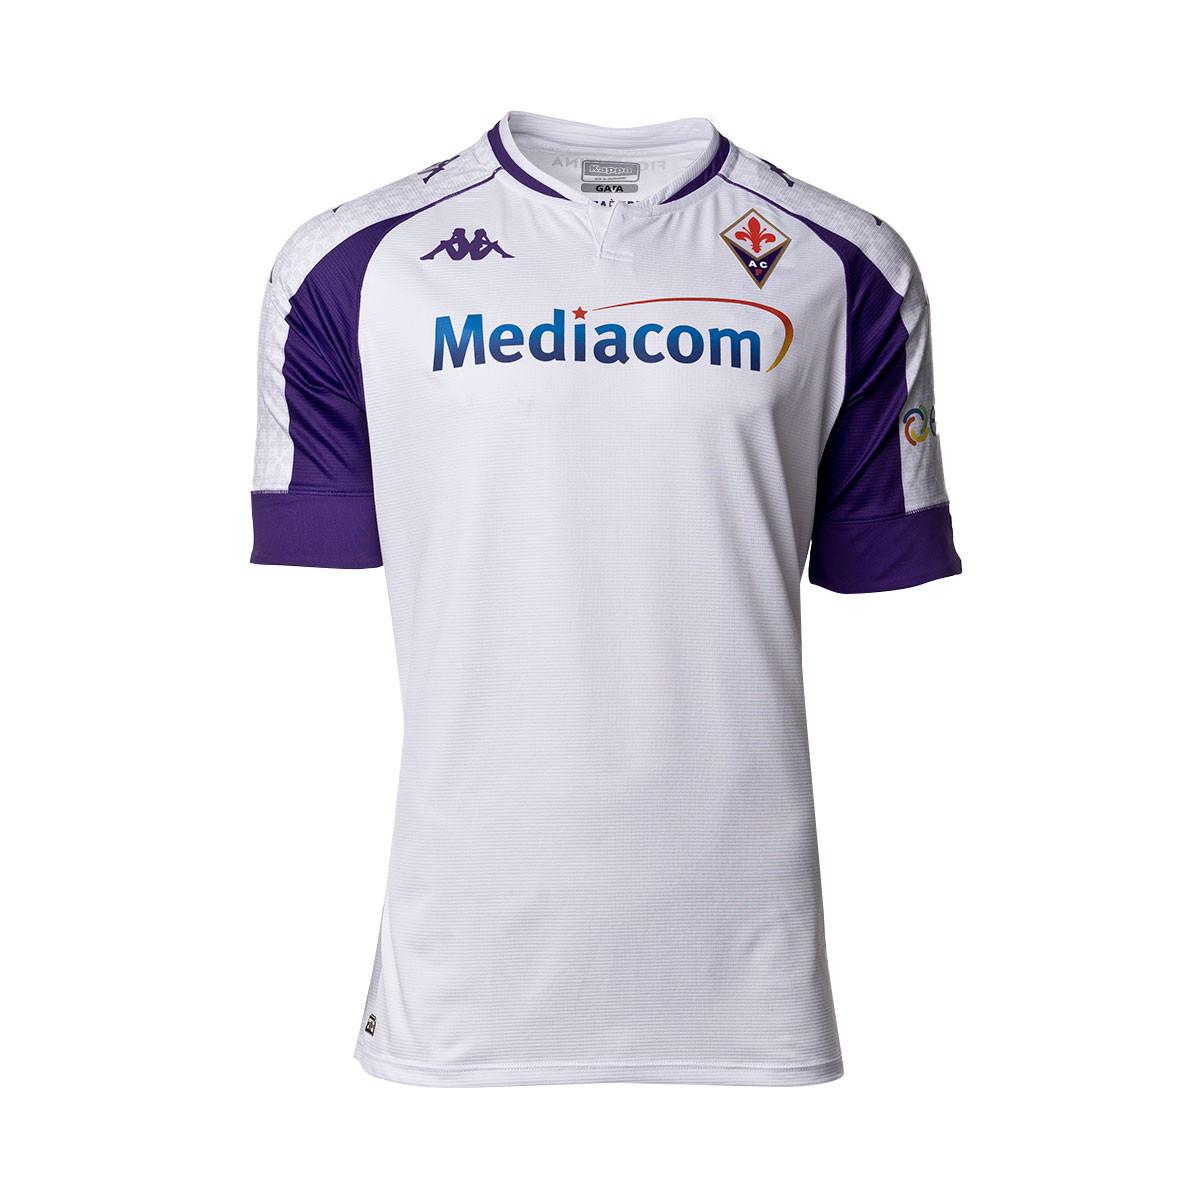 Kappa ACF Fiorentina Away Pro Jersey 2020-2021 Jersey